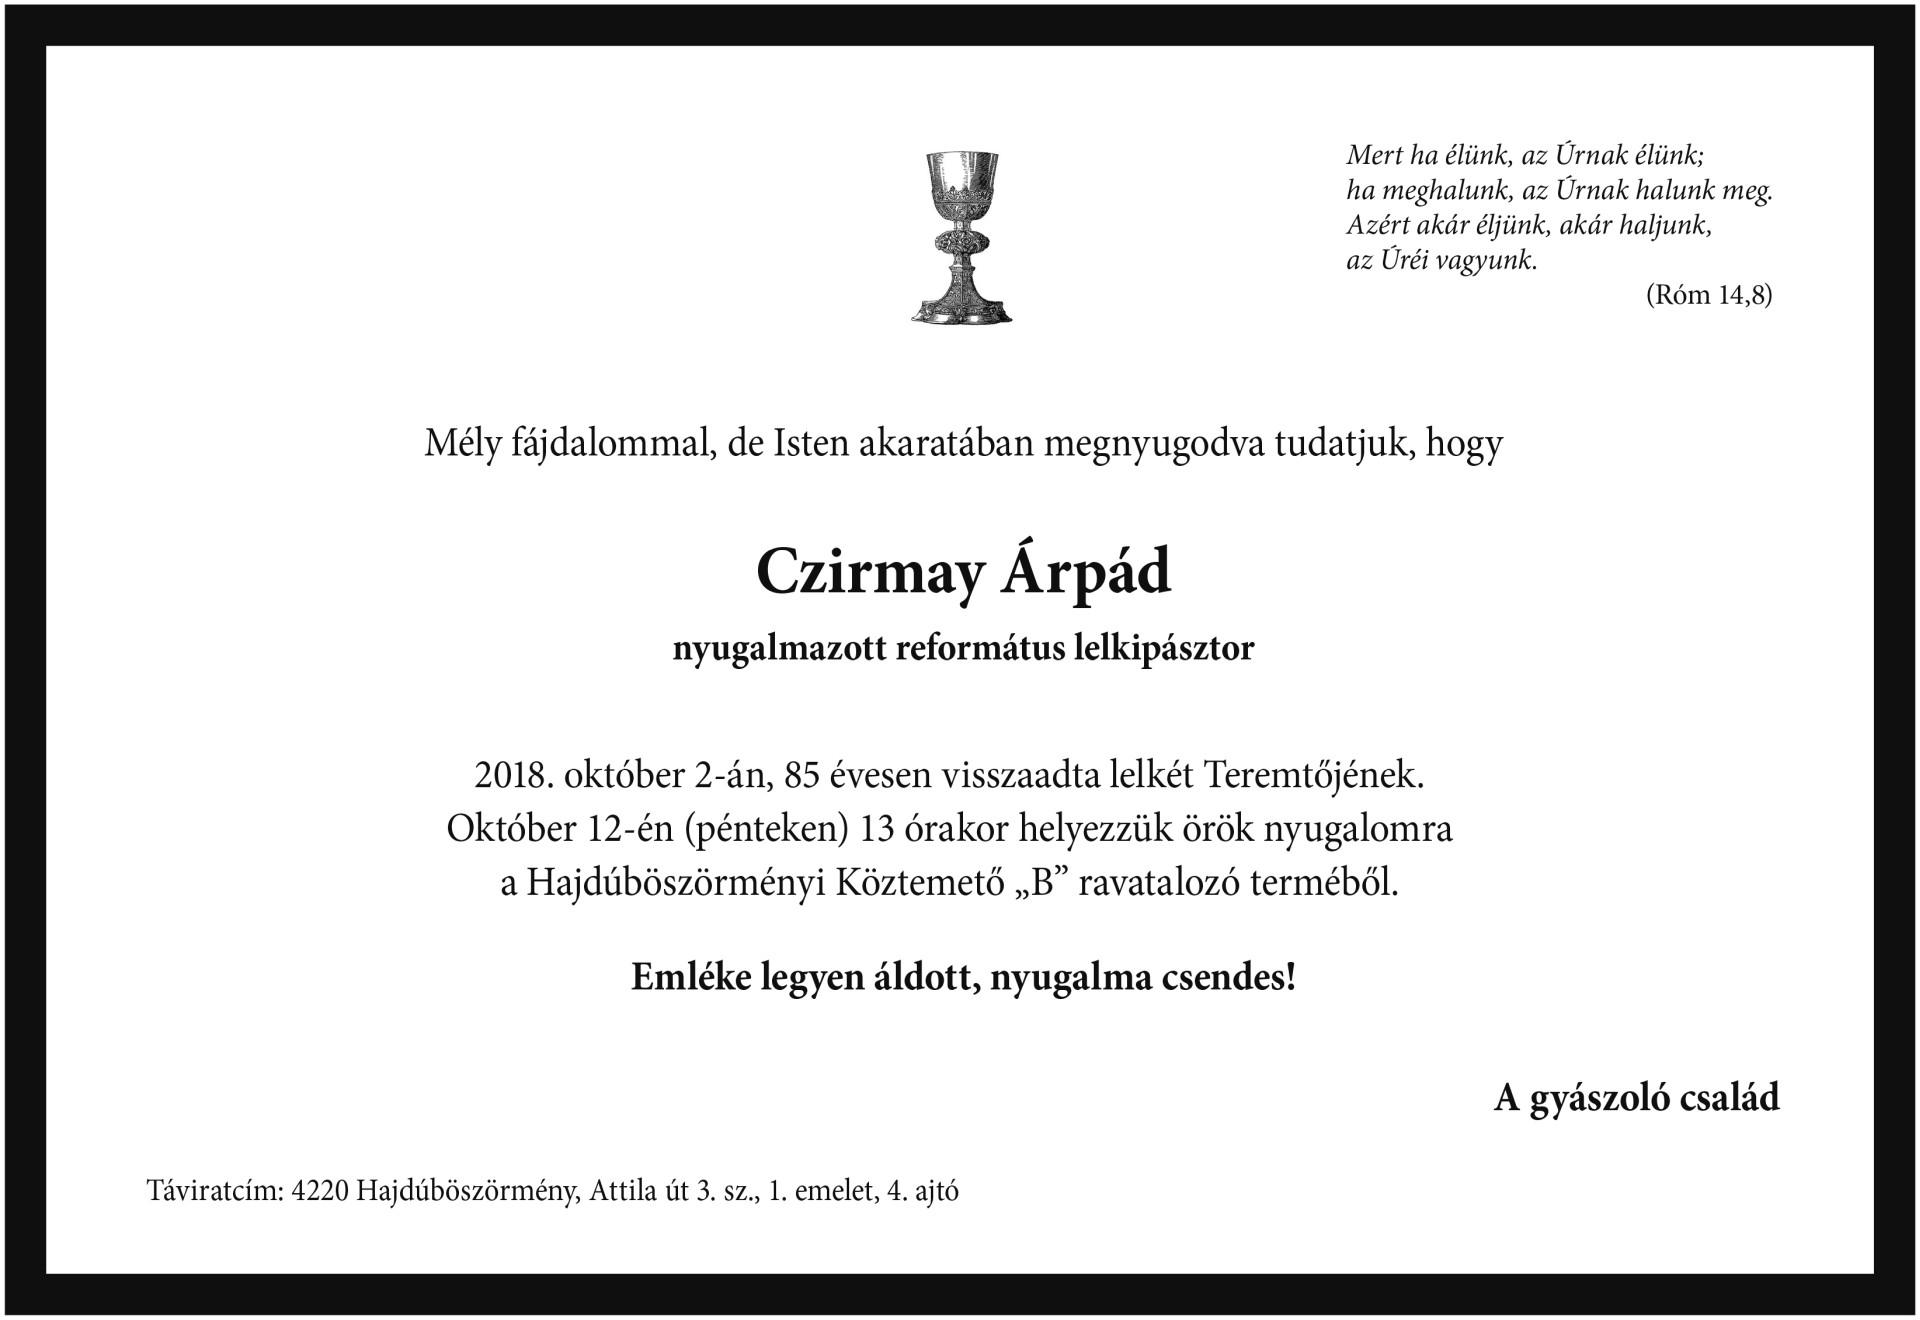 Gyászjelentés - Czirmay Árpád